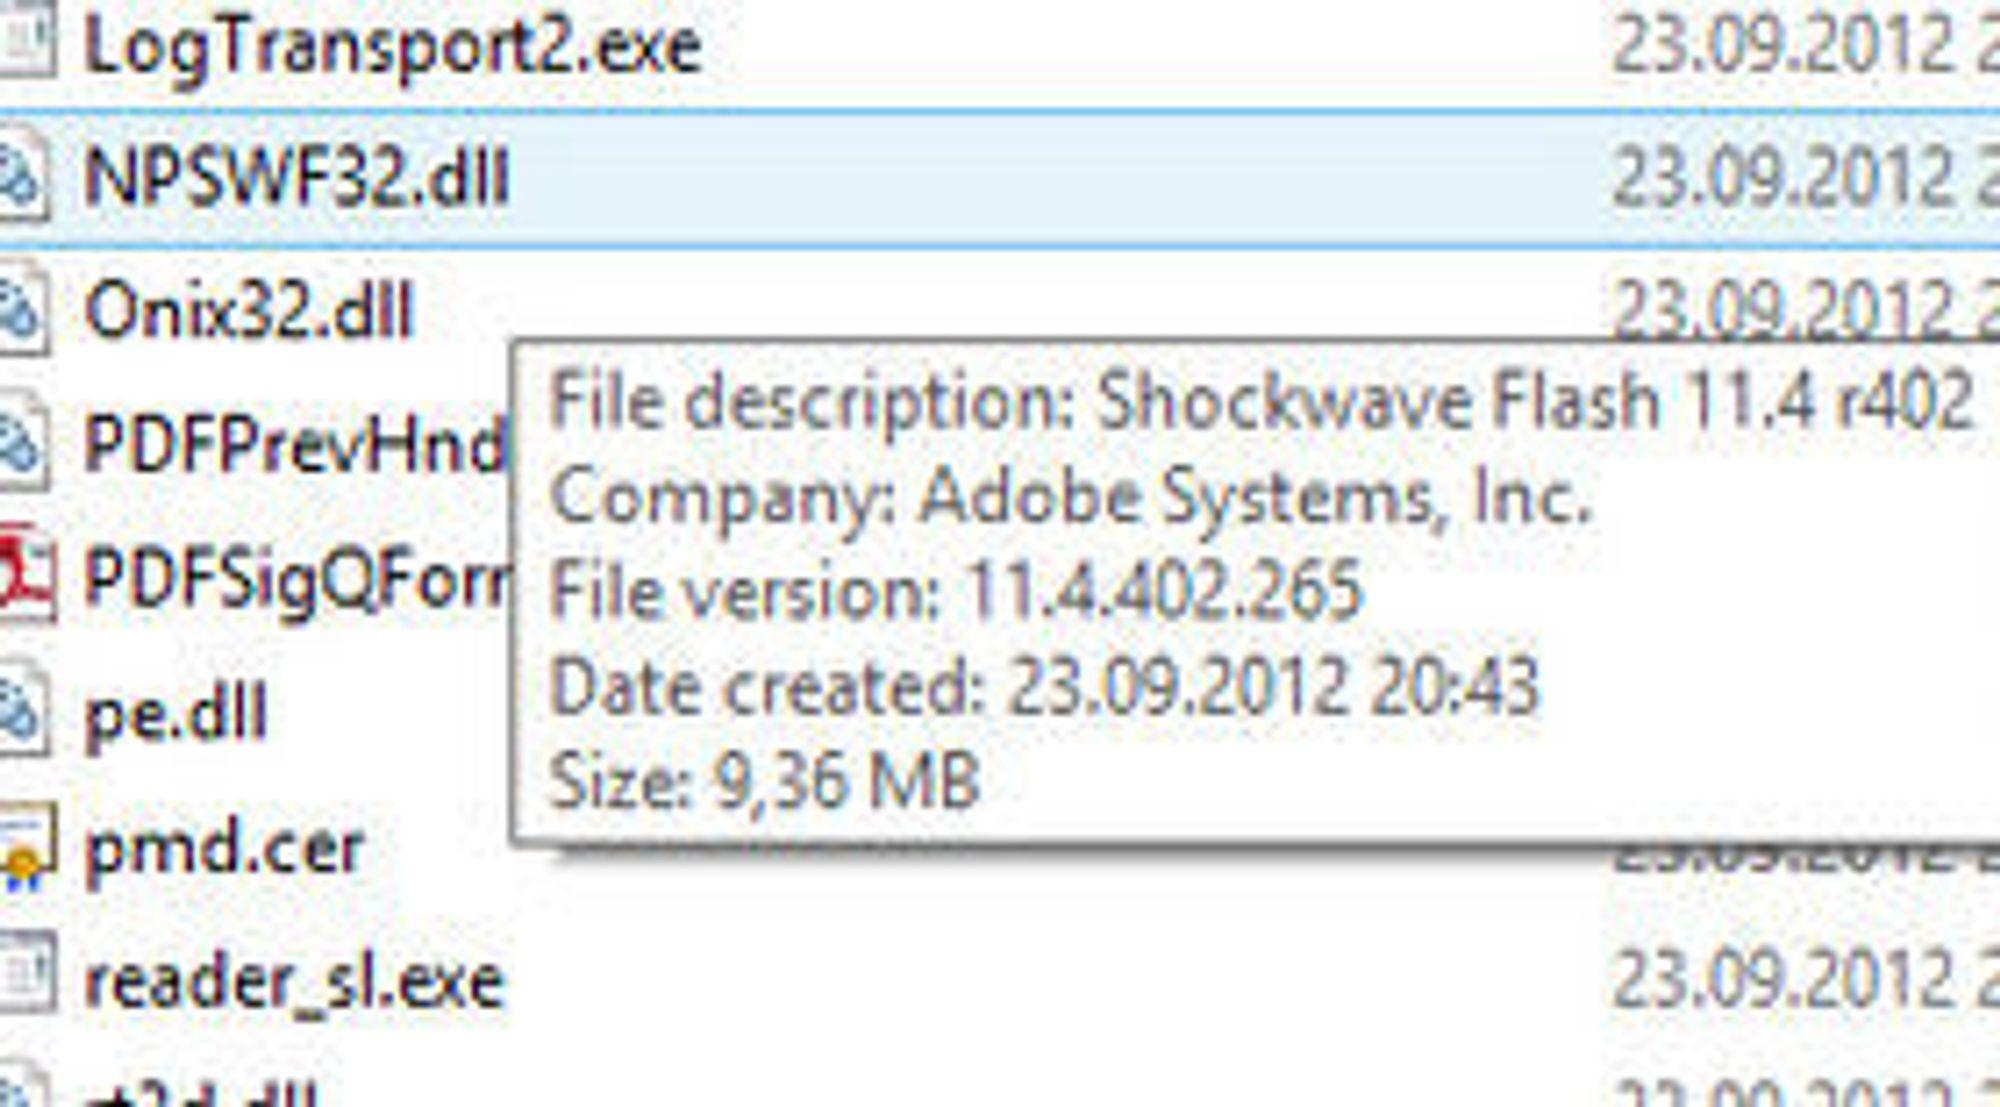 Bibliotekfilen som gir Adobe Reader XI Flash-støtte, inkluderer trolig flere sårbarheter som har blitt fjernet i den separate utgaven av Adobe Flash Player.